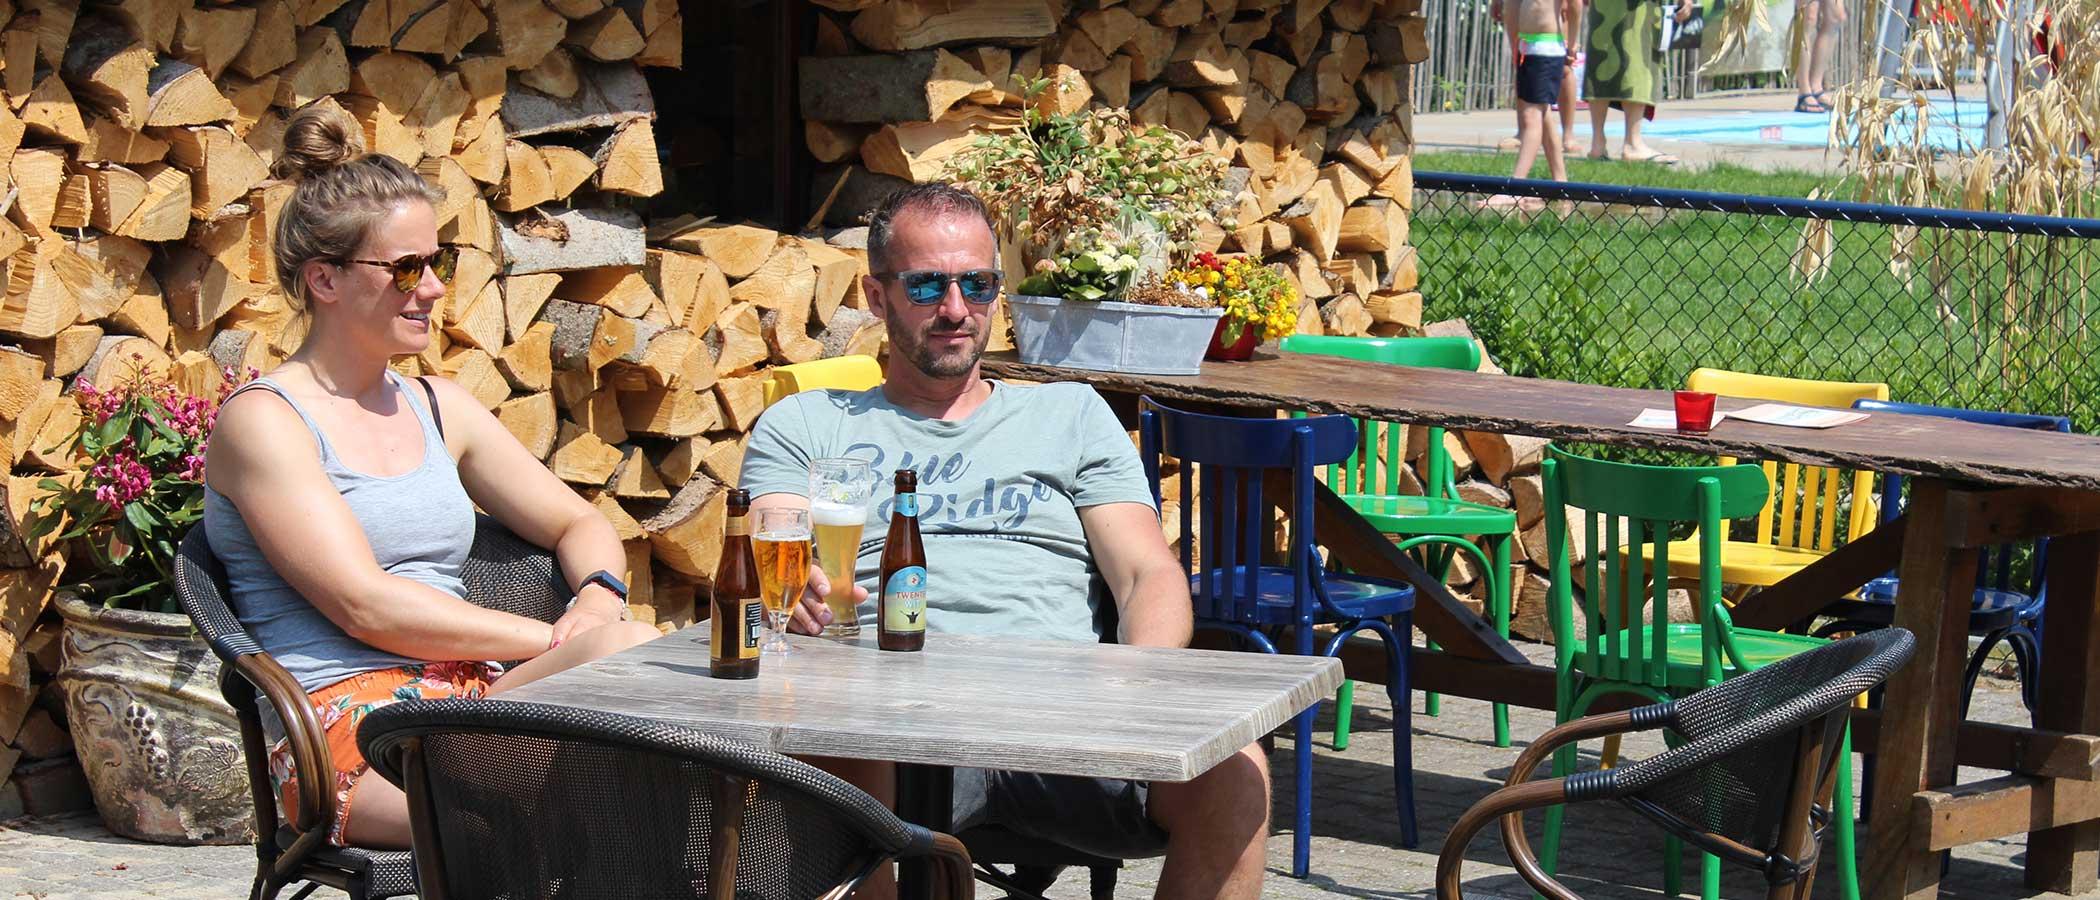 Kleine Groene Camping In Salland Twente